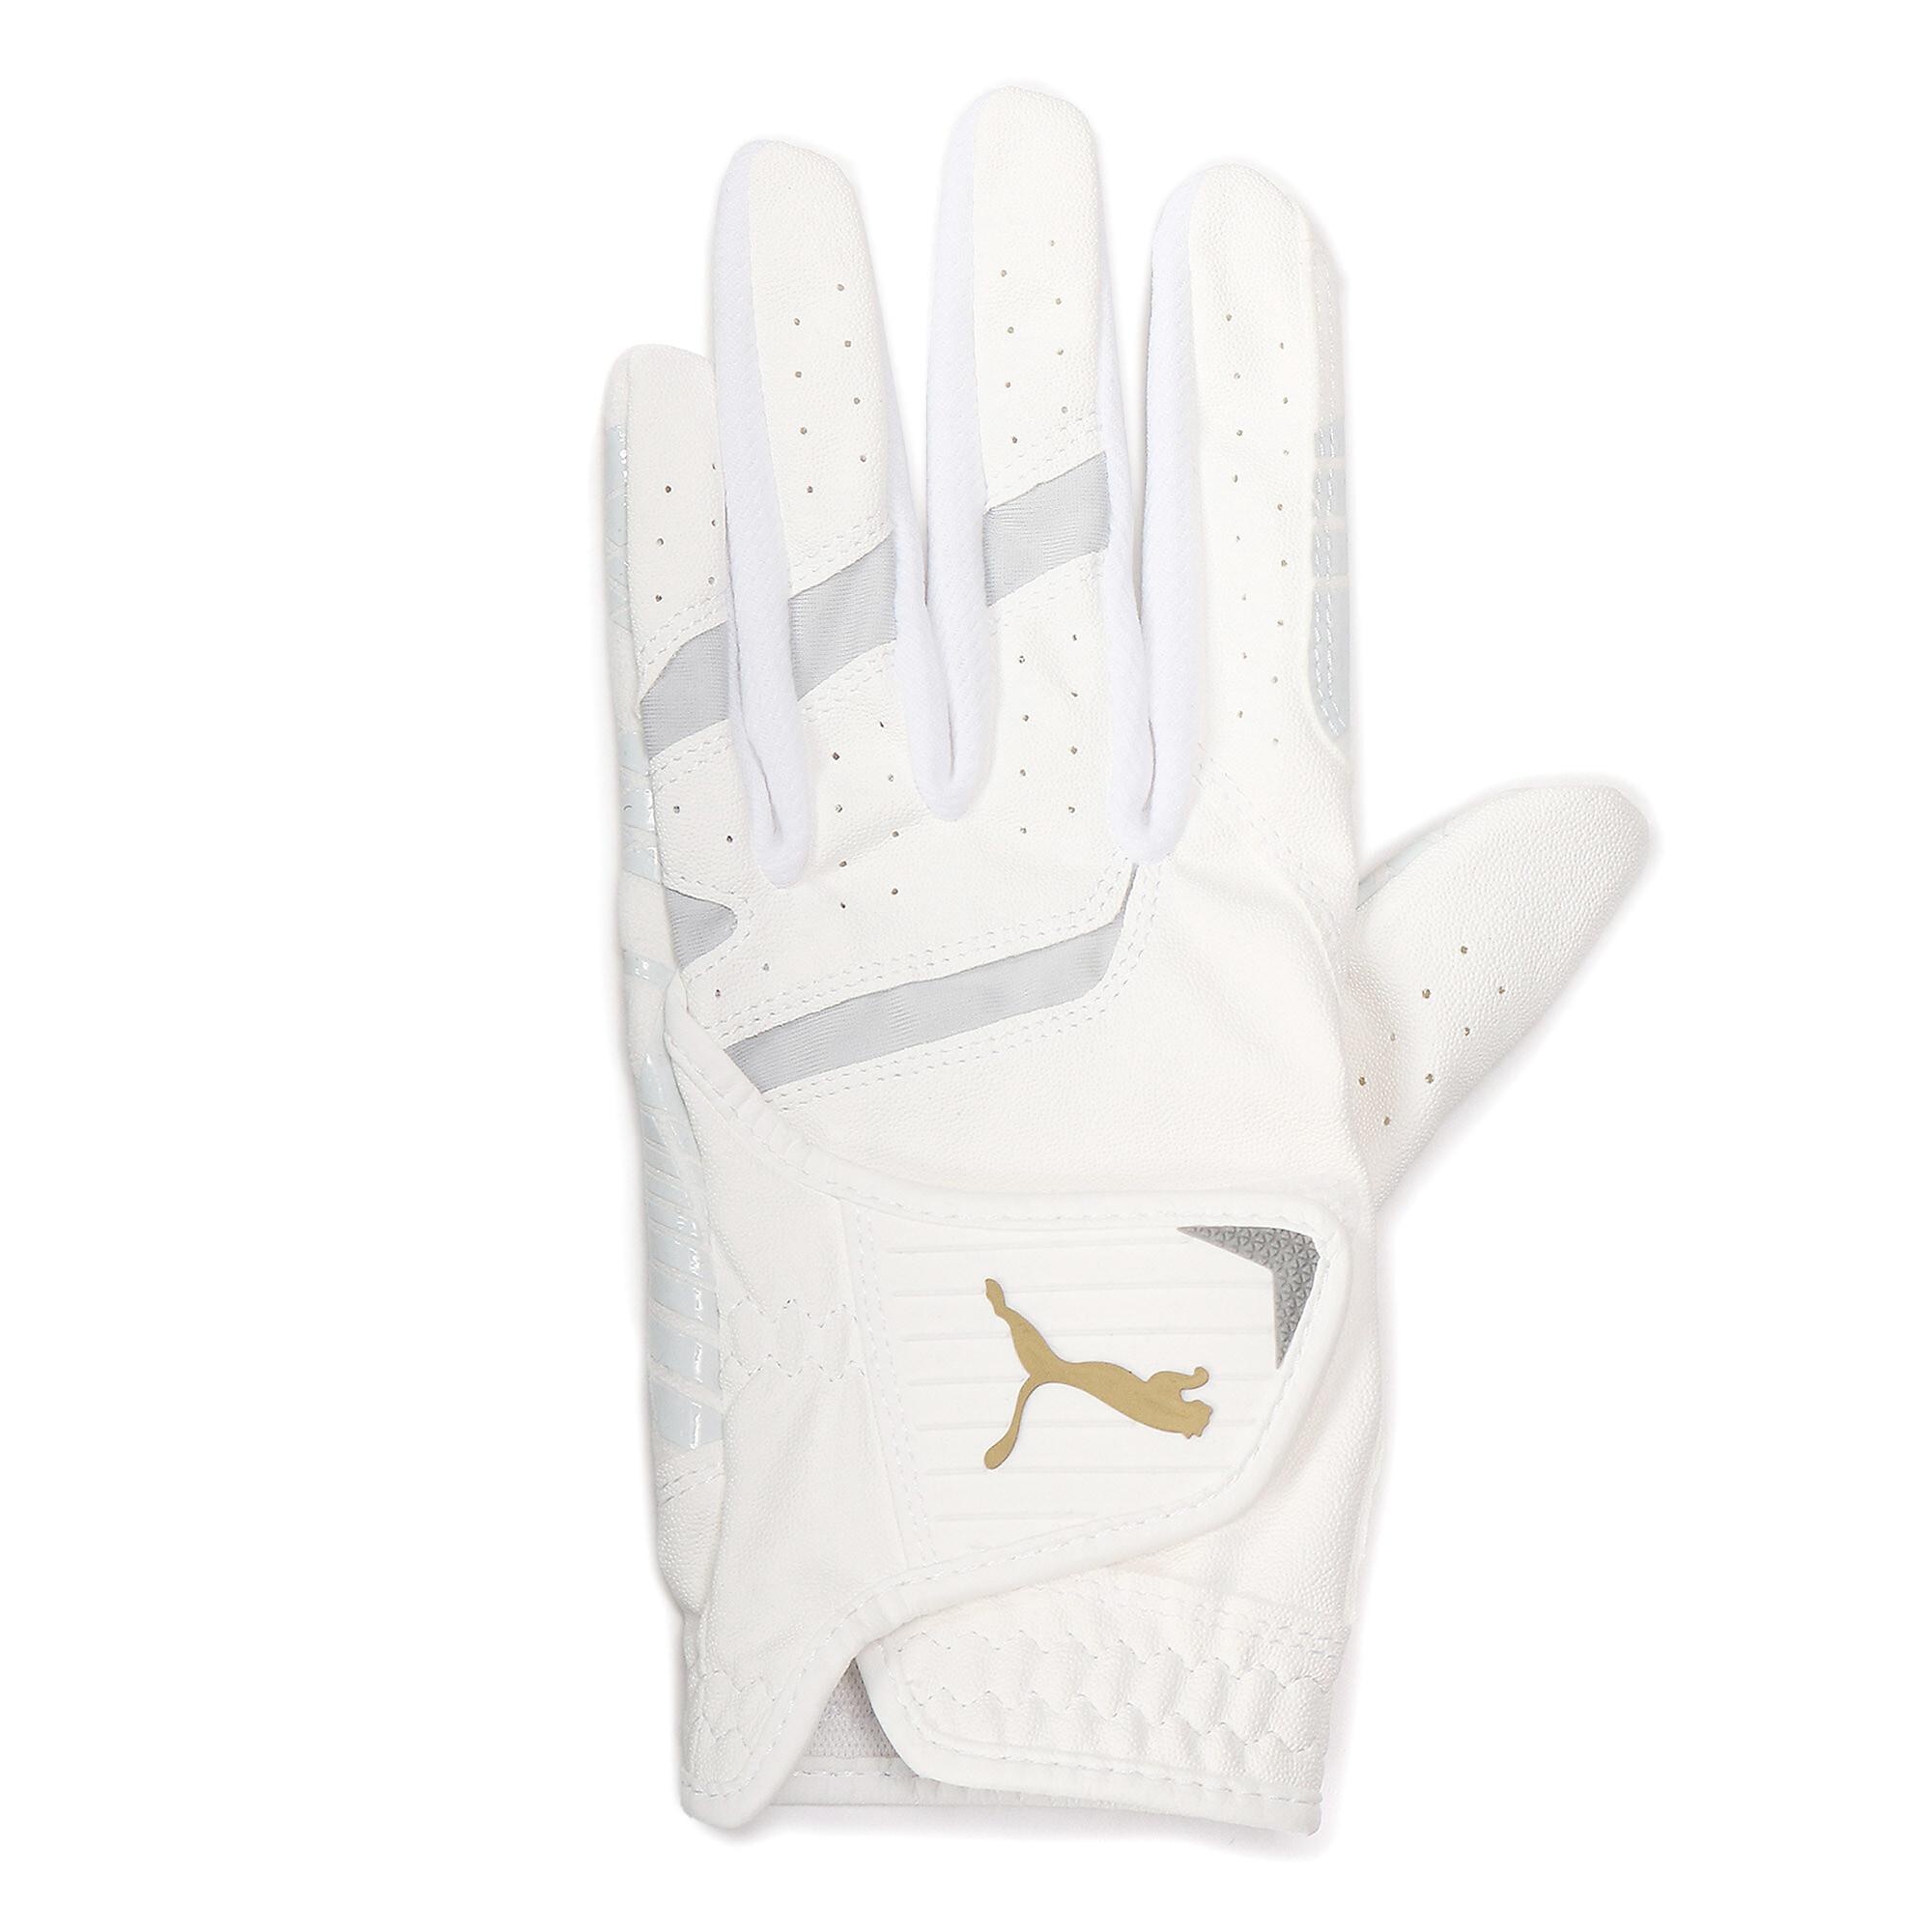 【プーマ公式通販】 プーマ ゴルフ パウンス グリップ グローブ 左手用 メンズ BRIGHT WHITE-HIGH RISE |PUMA.com